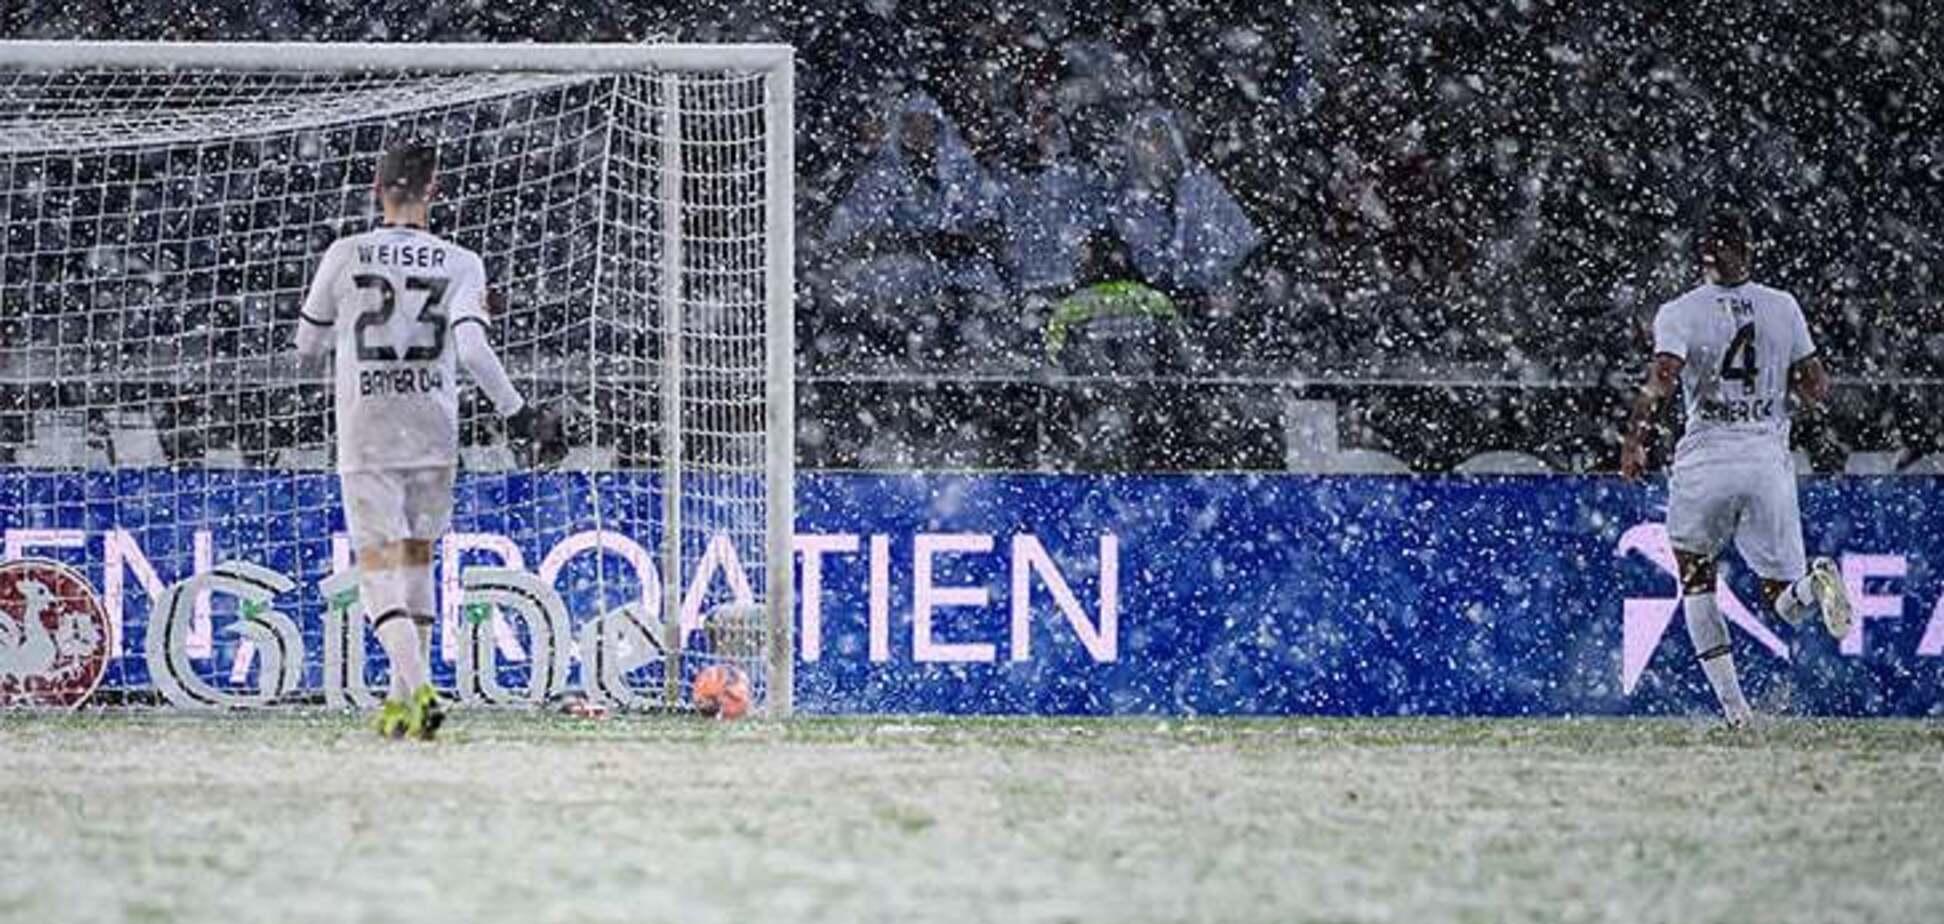 Состоялся самый необычный сейв года в футболе - опубликовано видео